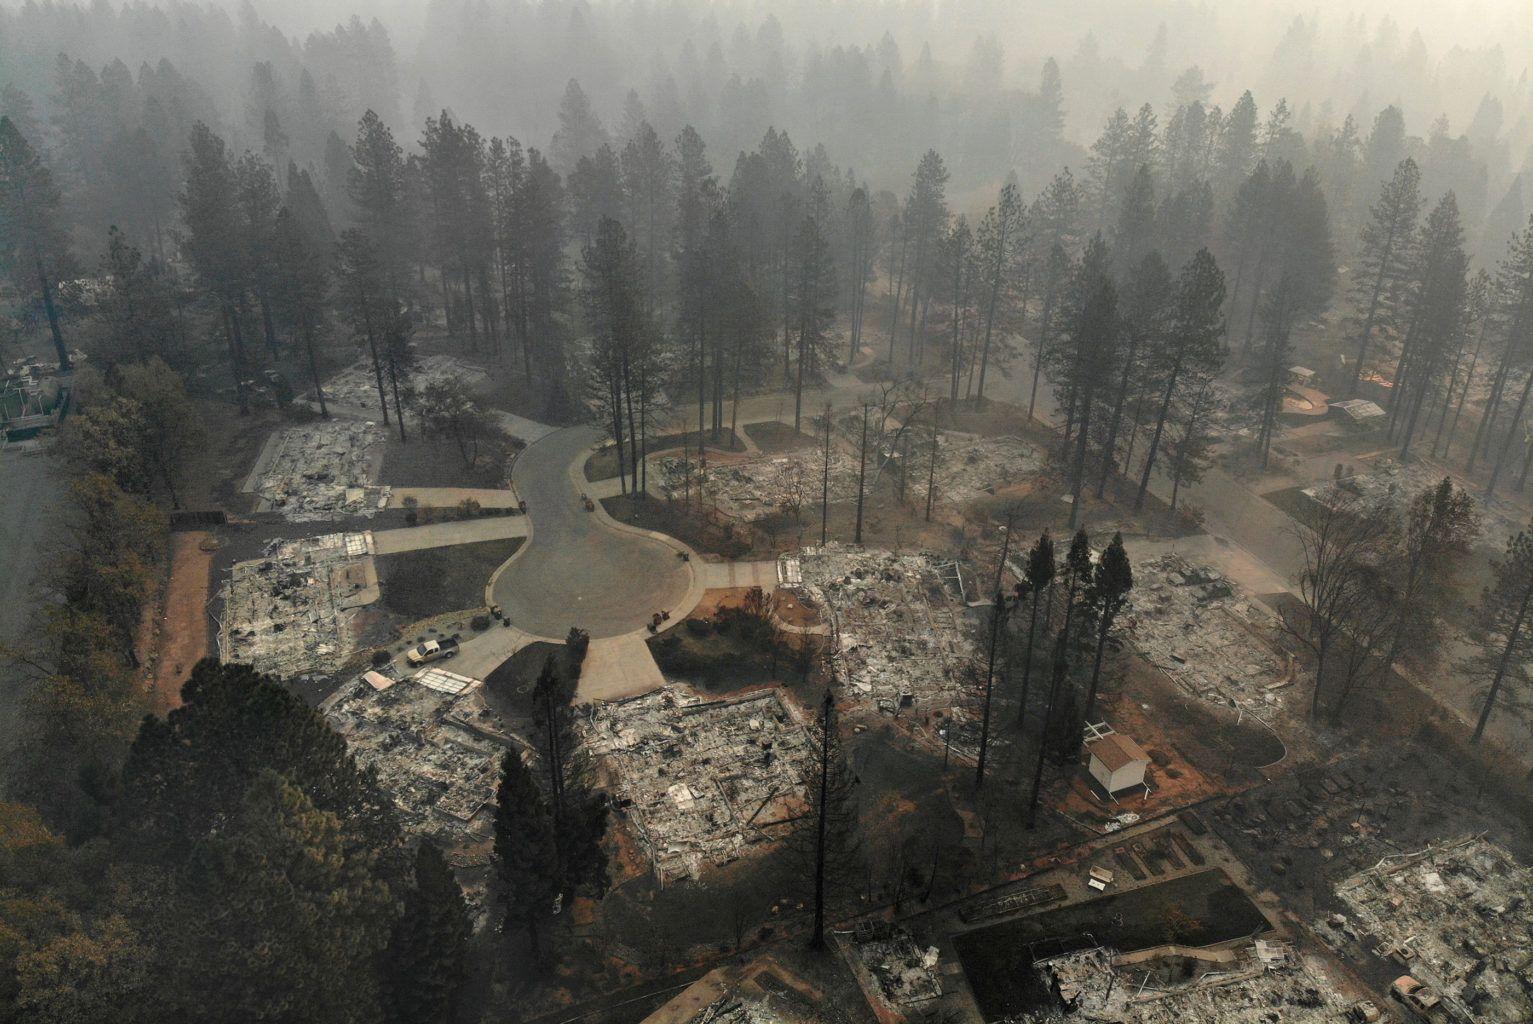 La gran mayoría de las muertes, 77 en total, se debió al Campamento de Bomberos en el condado de Butte en el norte de California, lo que en el incendio más mortífero en la historia del estado.